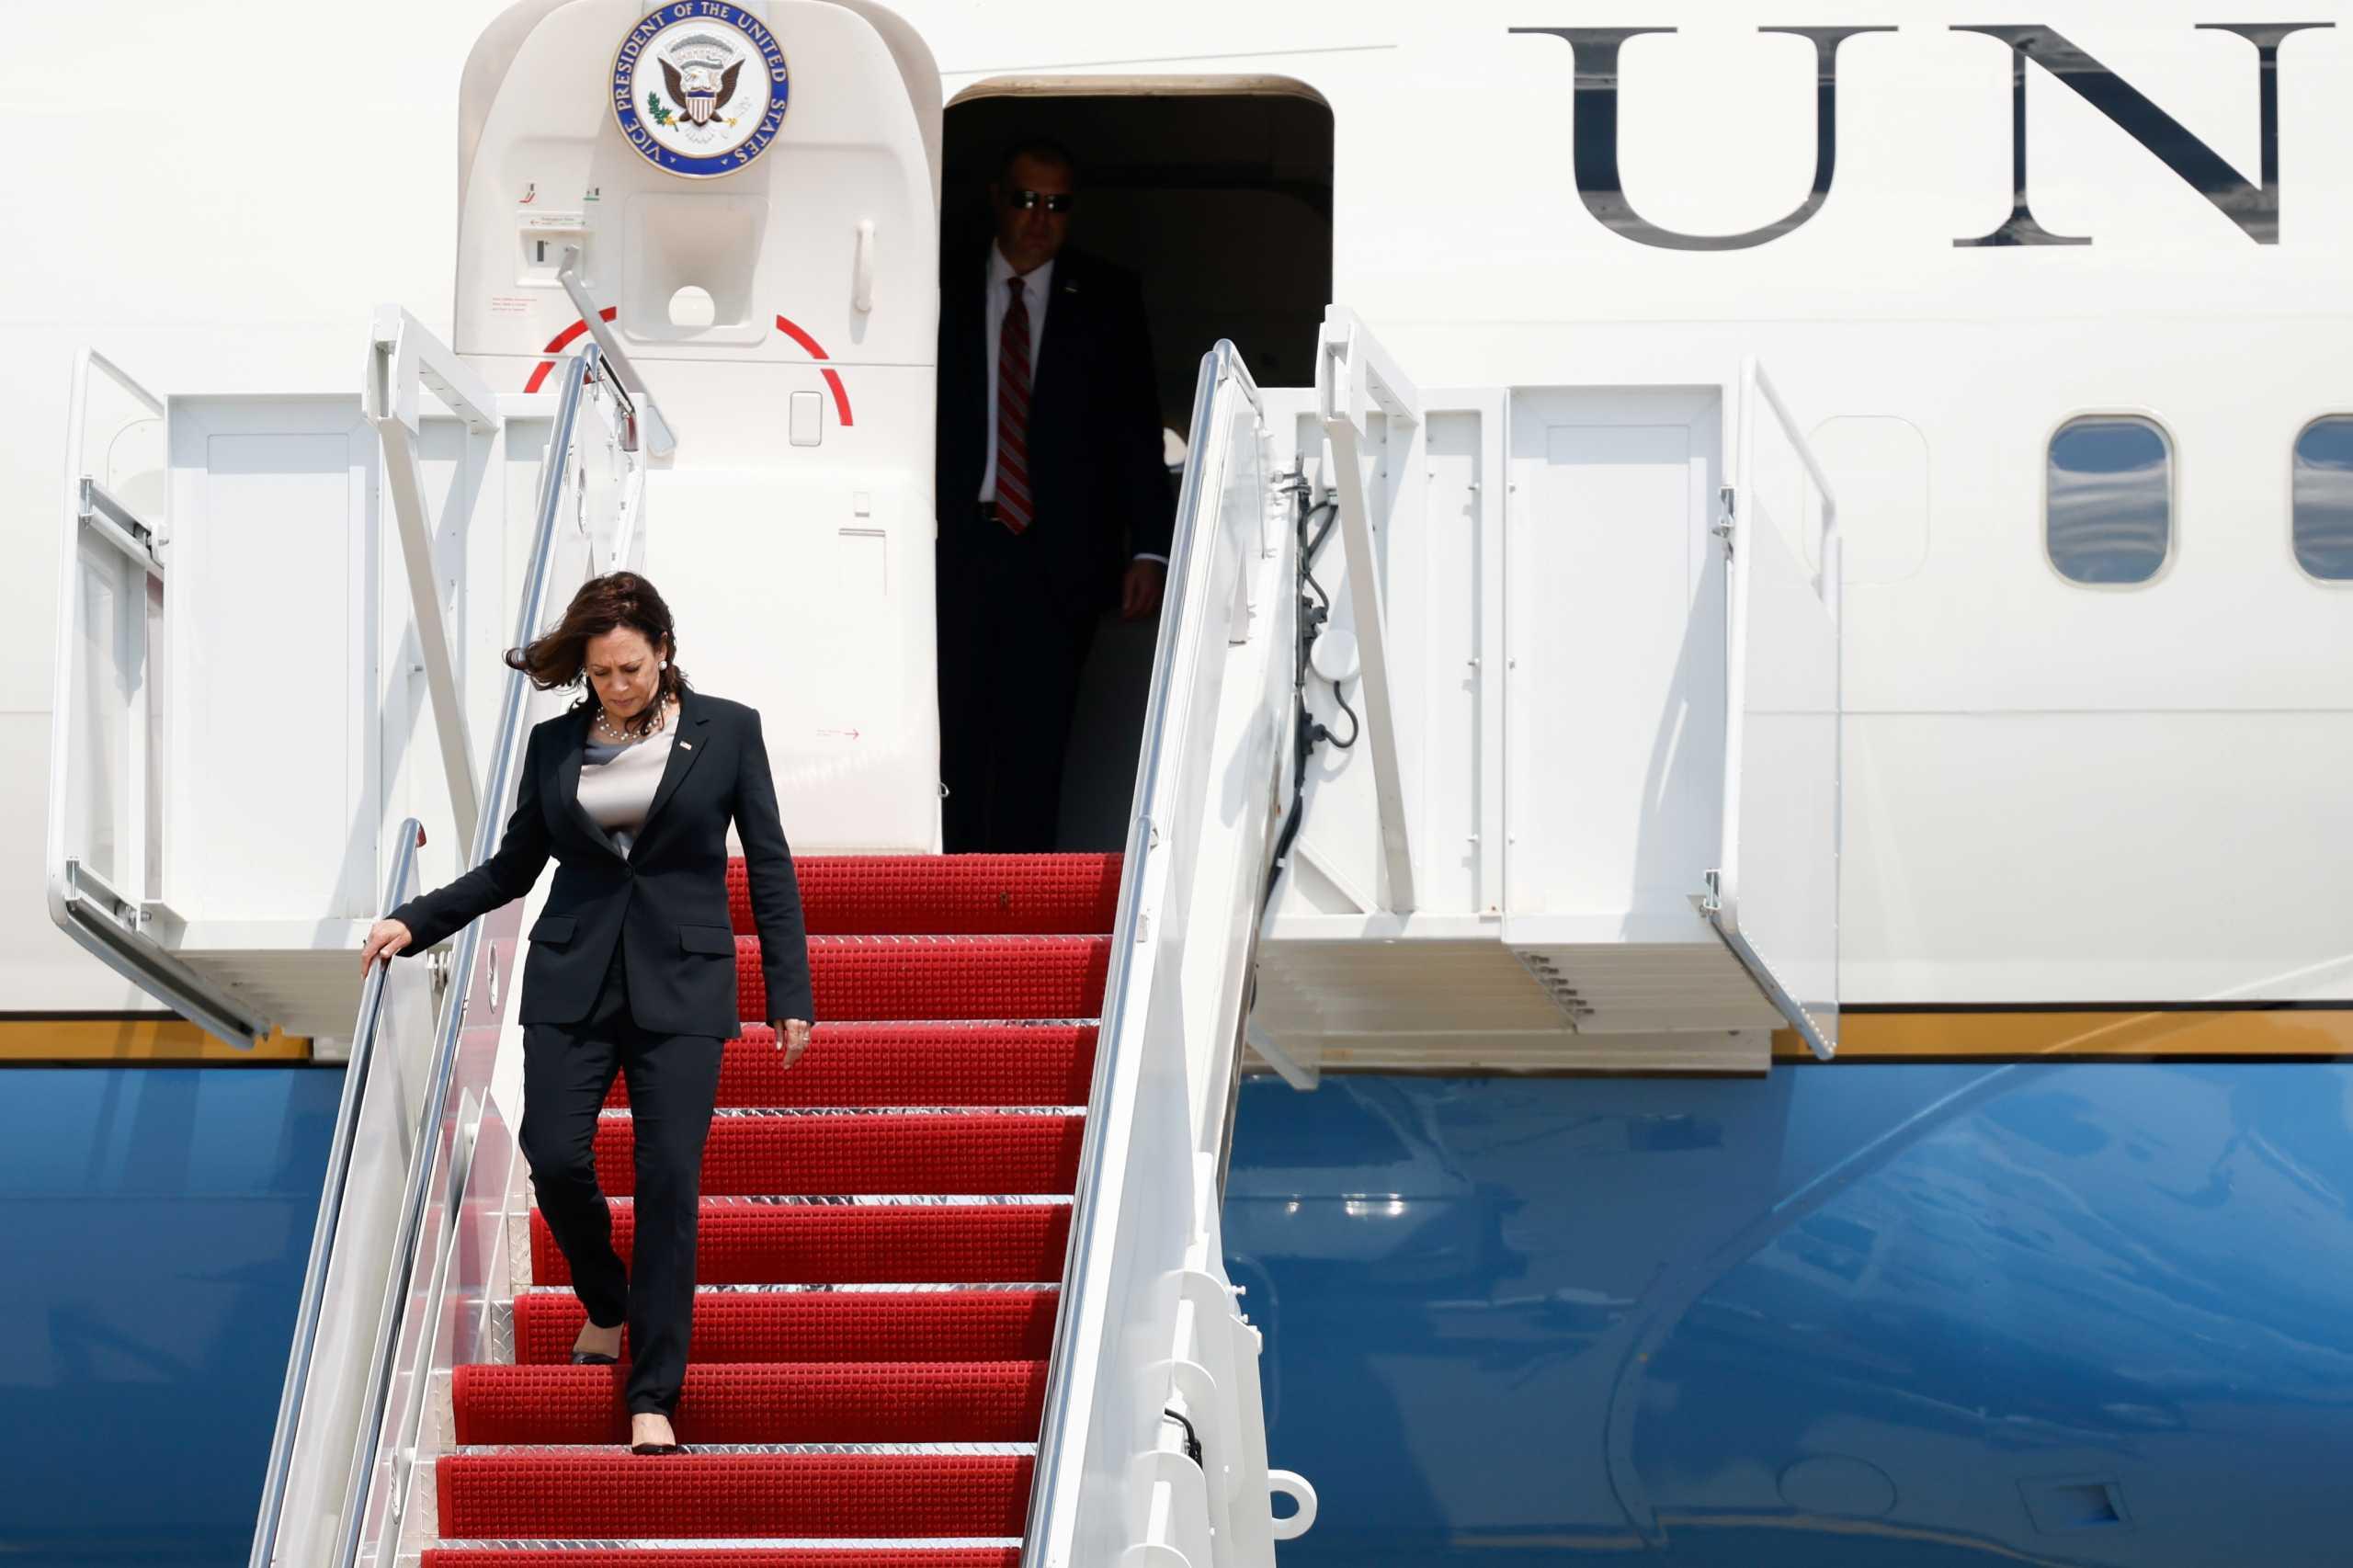 ΗΠΑ: Τρόμος στον αέρα για την αντιπρόεδρο Καμάλα Χάρις – «Ολοι μας είπαμε μια μικρή προσευχή»